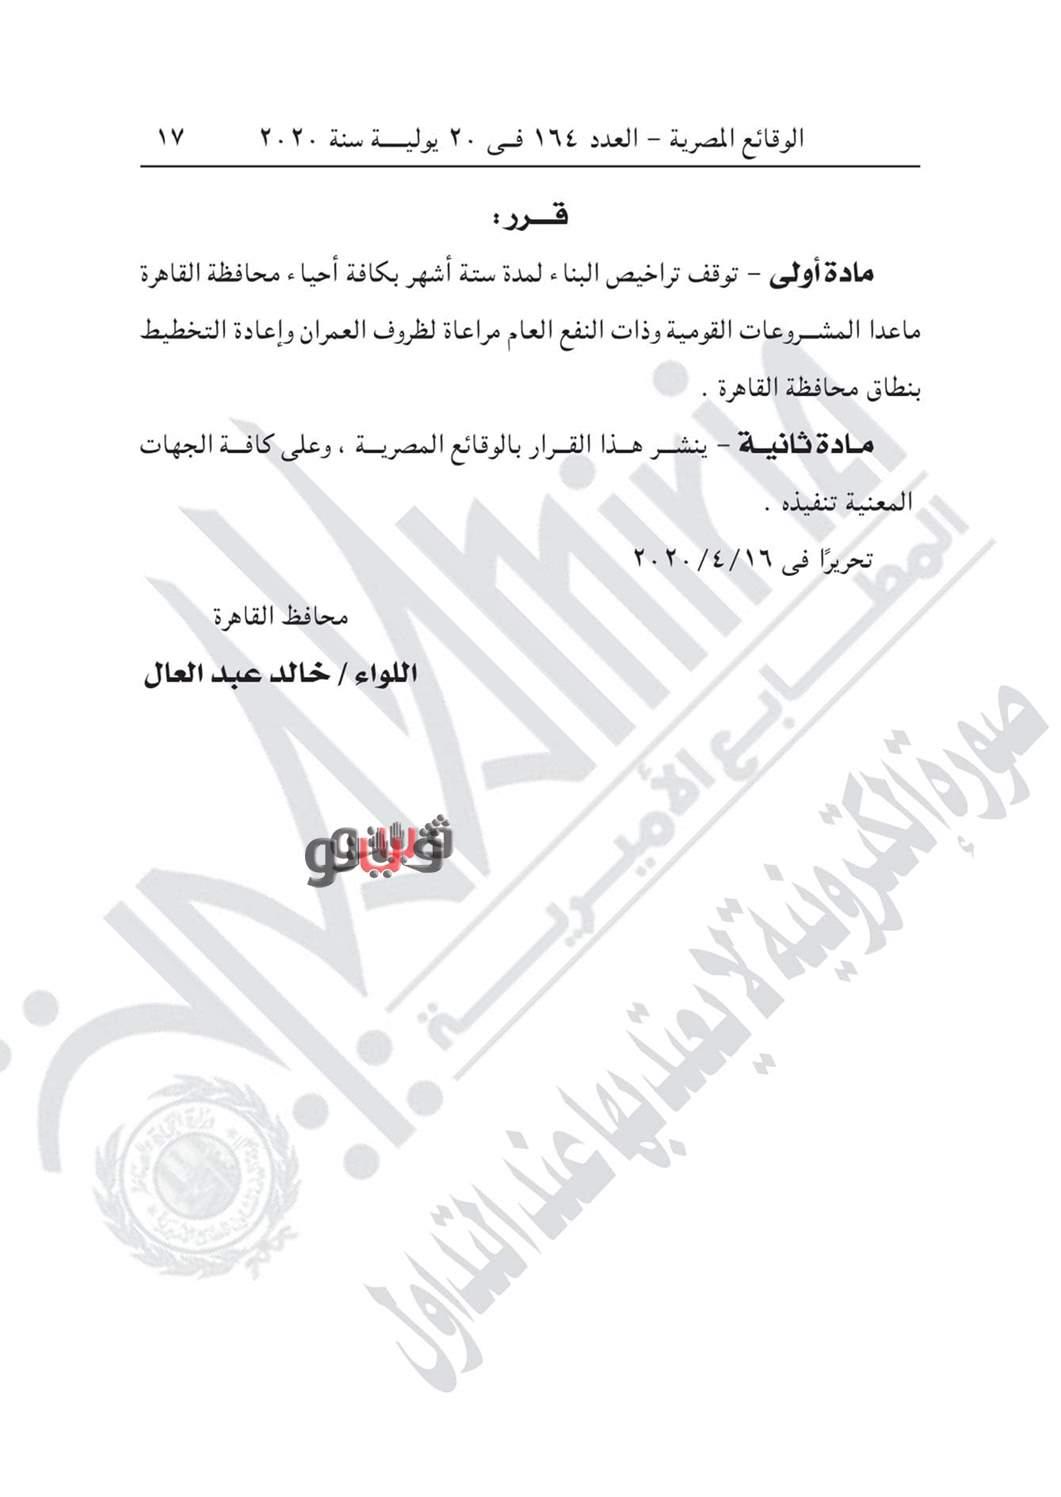 إيقاف تراخيص البناء بكافة أحياء القاهرة لمدة 6 أشهر بوابة فيتو